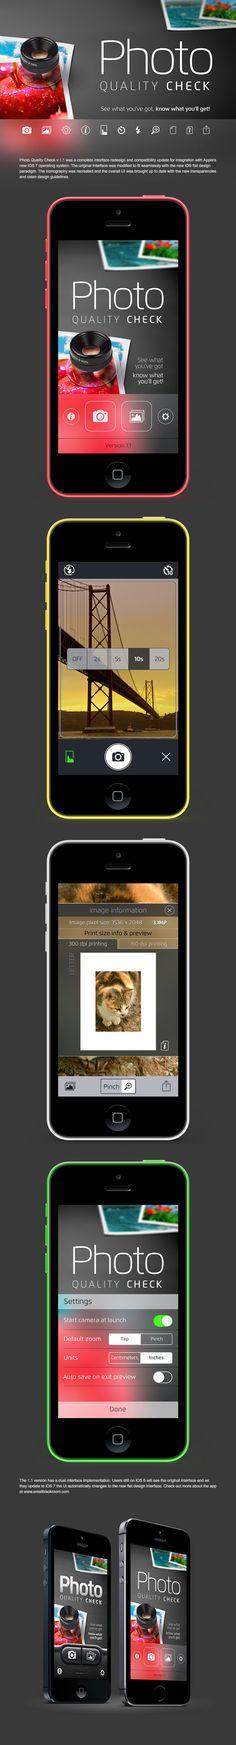 Photo Quality Check v. 1.1 for iOS 7 Ui redesign